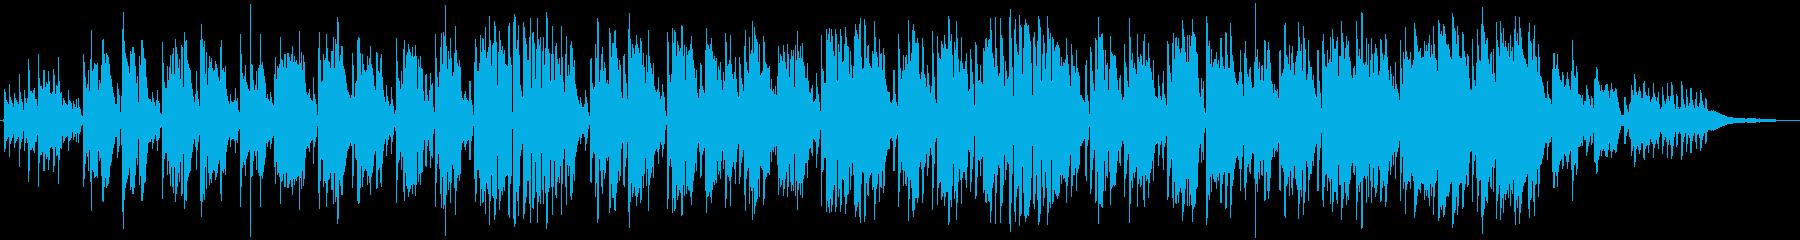 渚にての再生済みの波形